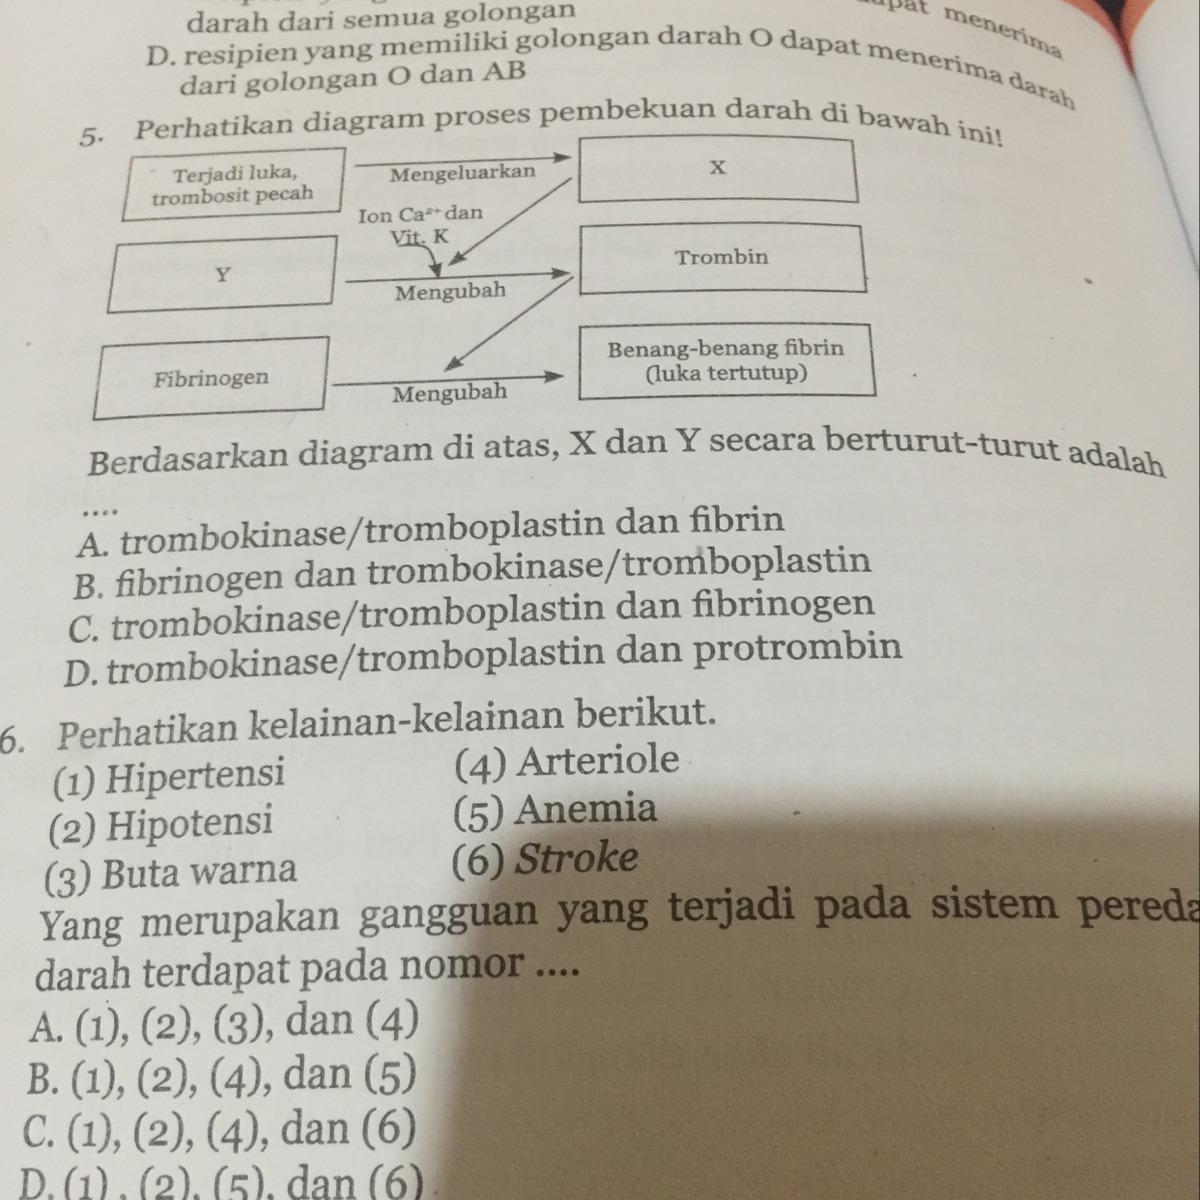 Perhatikan diagram proses pembekuan darah di bawah ini brainly perhatikan diagram proses pembekuan darah di bawah ini ccuart Images